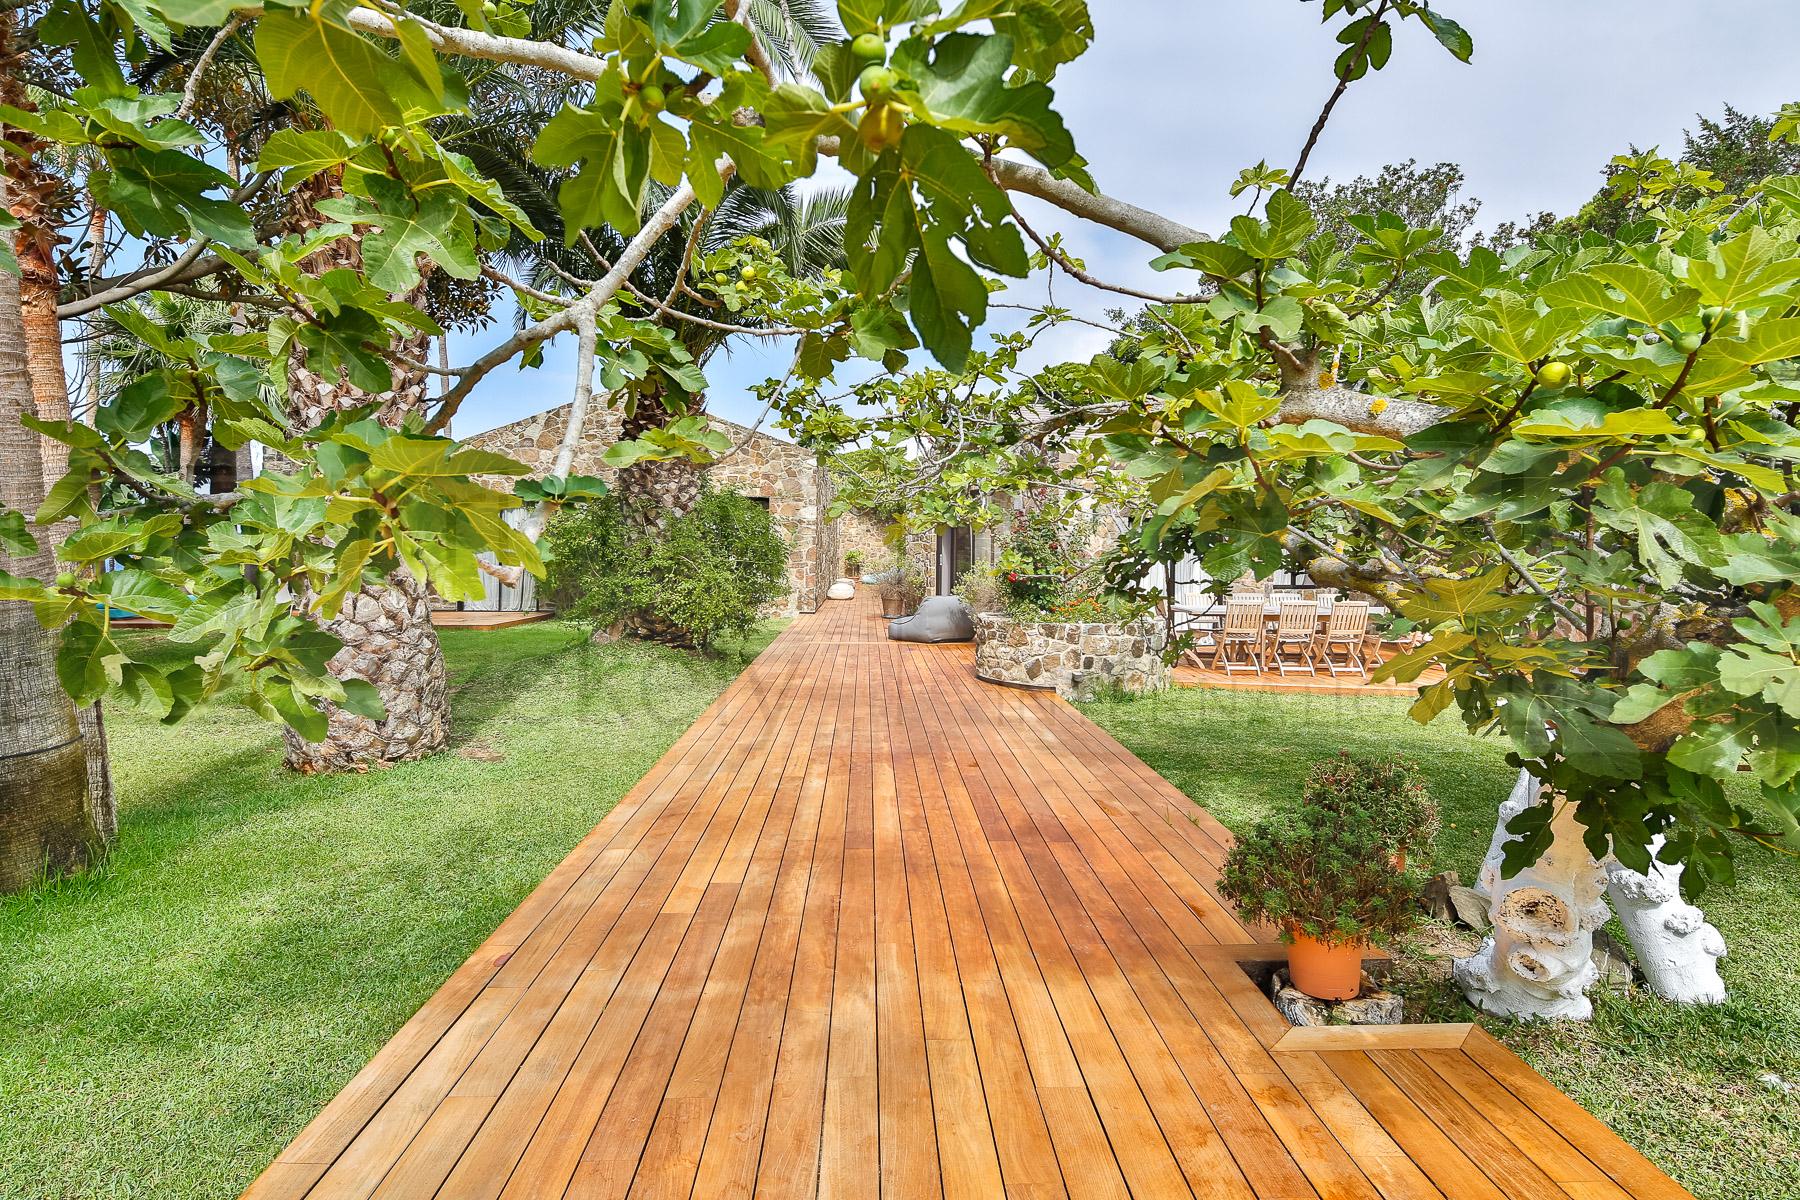 Single Family Home for Sale at La laguna Tarifa, Costa Del Sol Spain